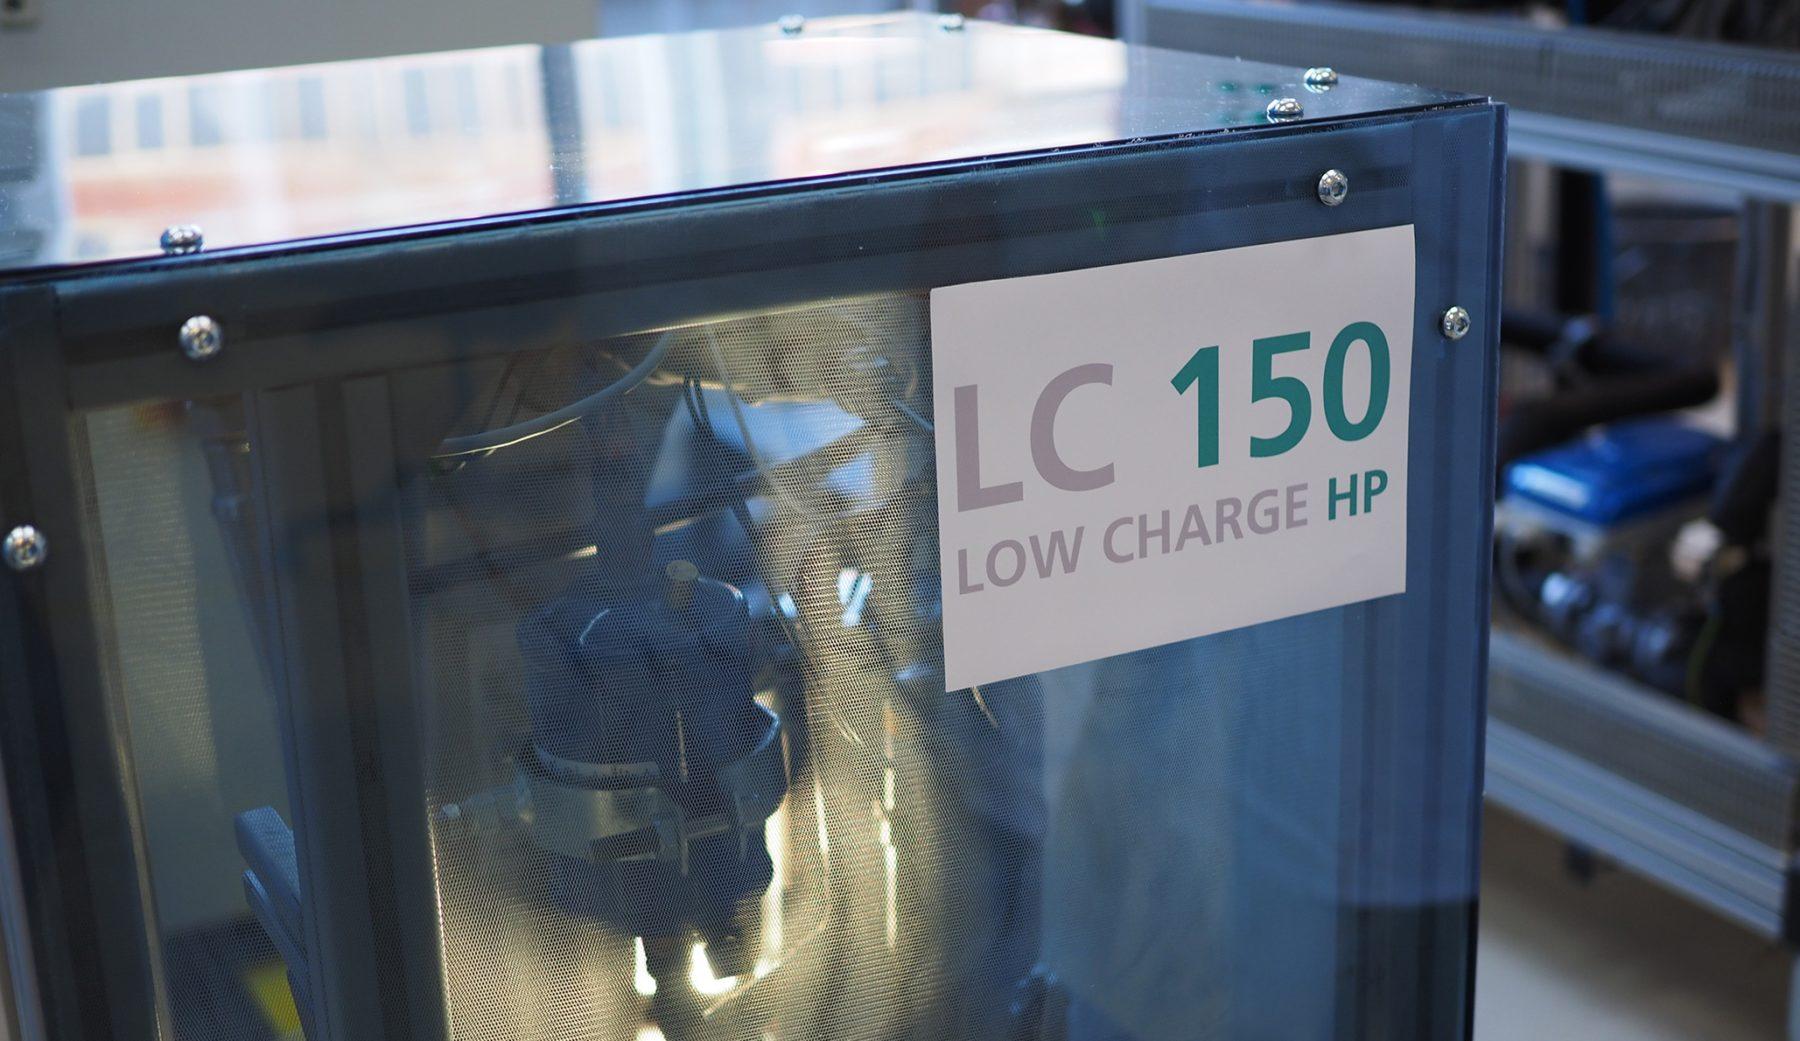 Bisher nur ein Prototyp: Die neue Wärmepumpe arbeitet mit dem Kältemittel Propan. Foto: Fraunhofer ISE